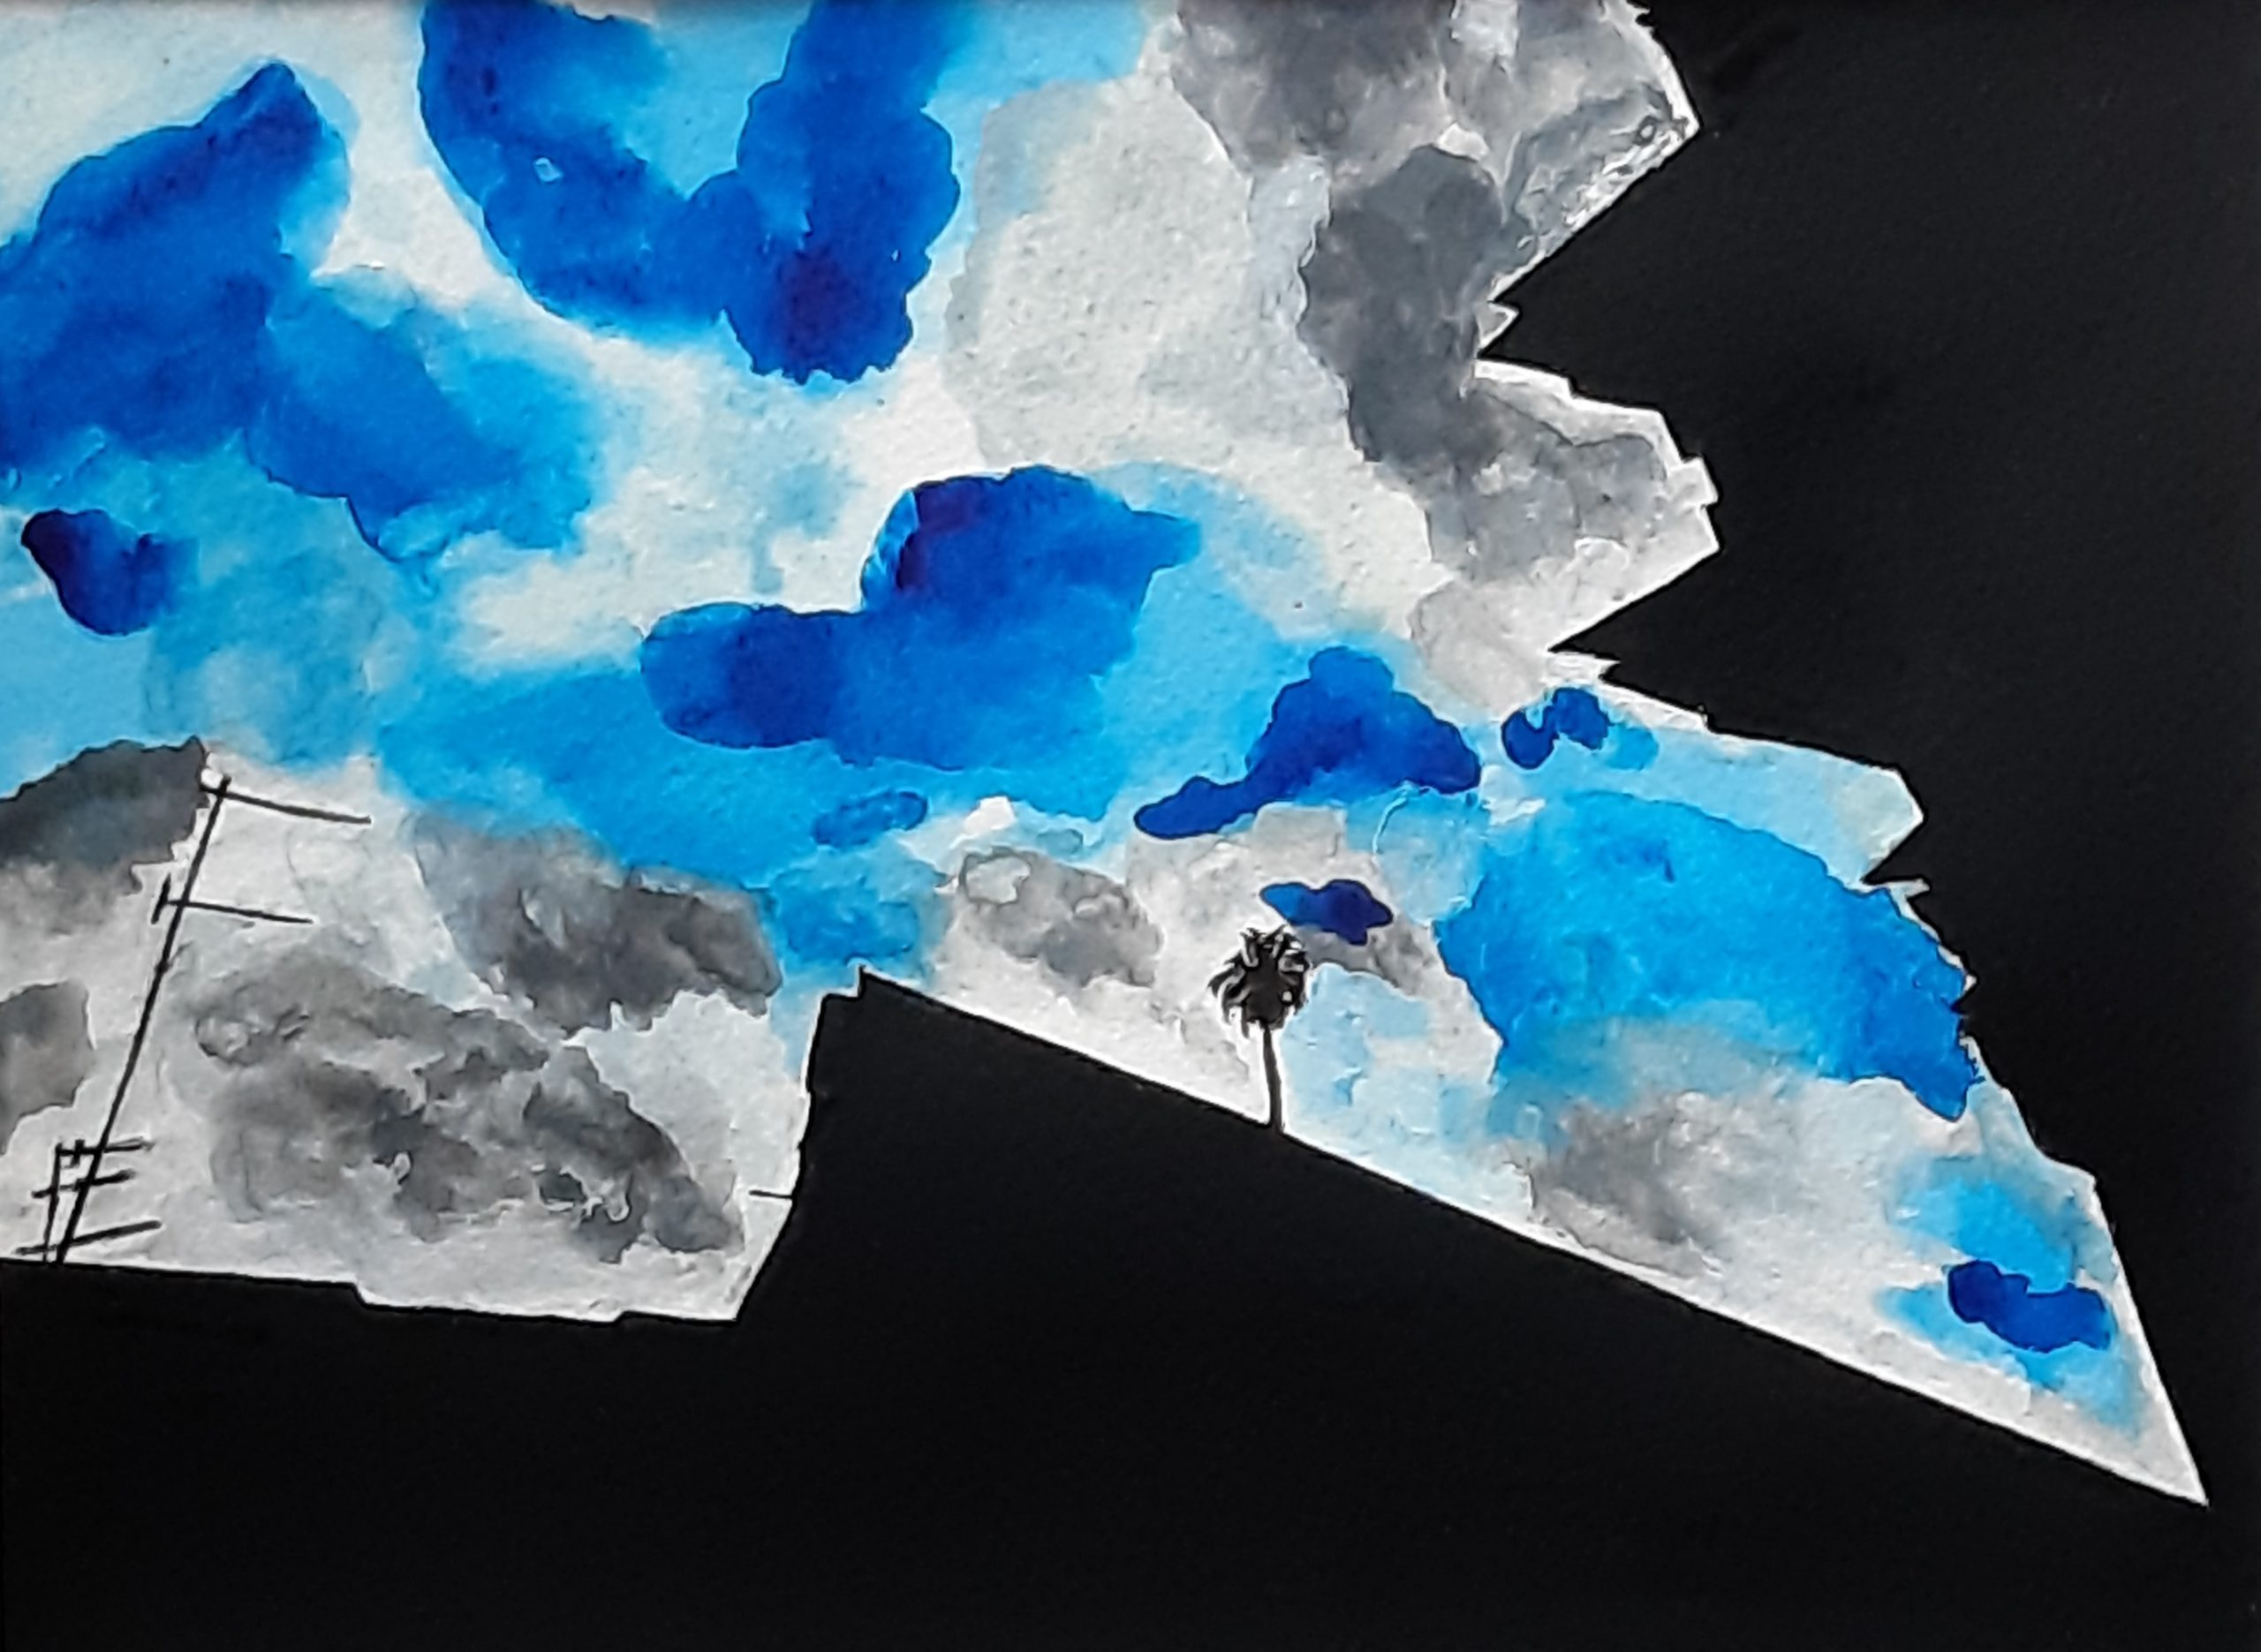 foto d'autore acquerello su cartoncino 24 x 32 cm 2019